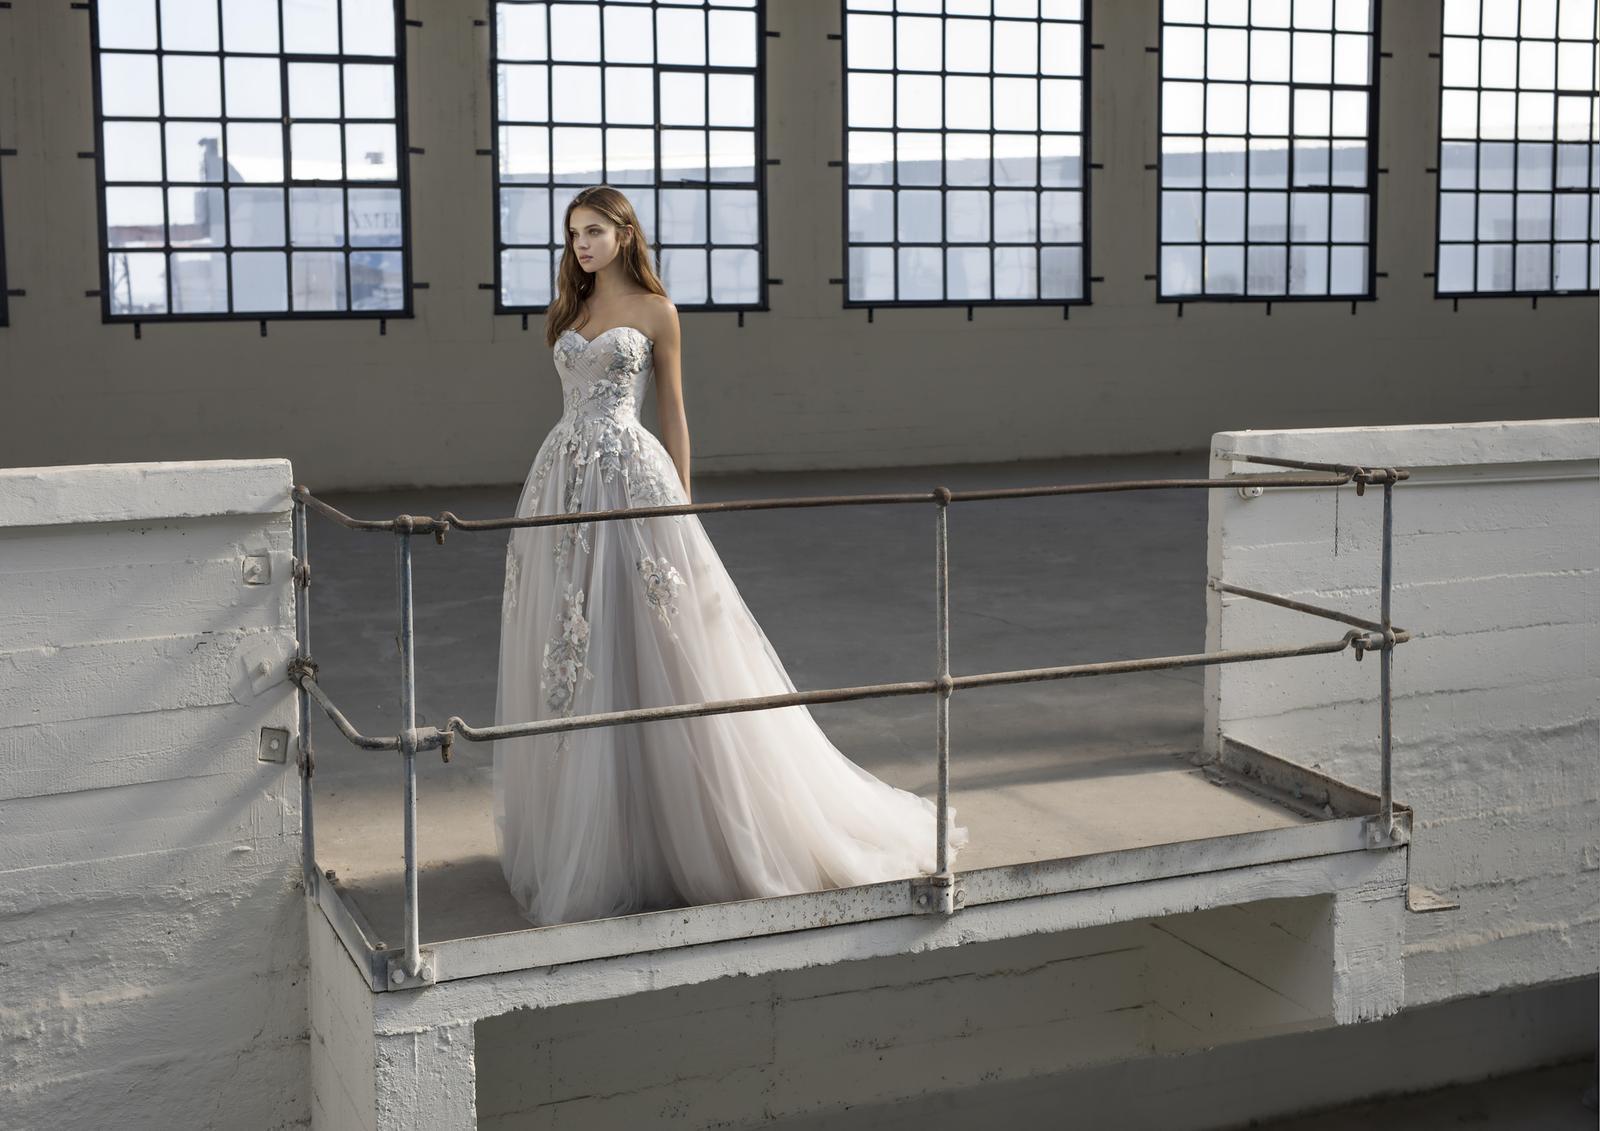 Modeca 2019 - nová kolekce již v salónu - Model Eleanora z kolekce Le Papillon by Modeca 2019